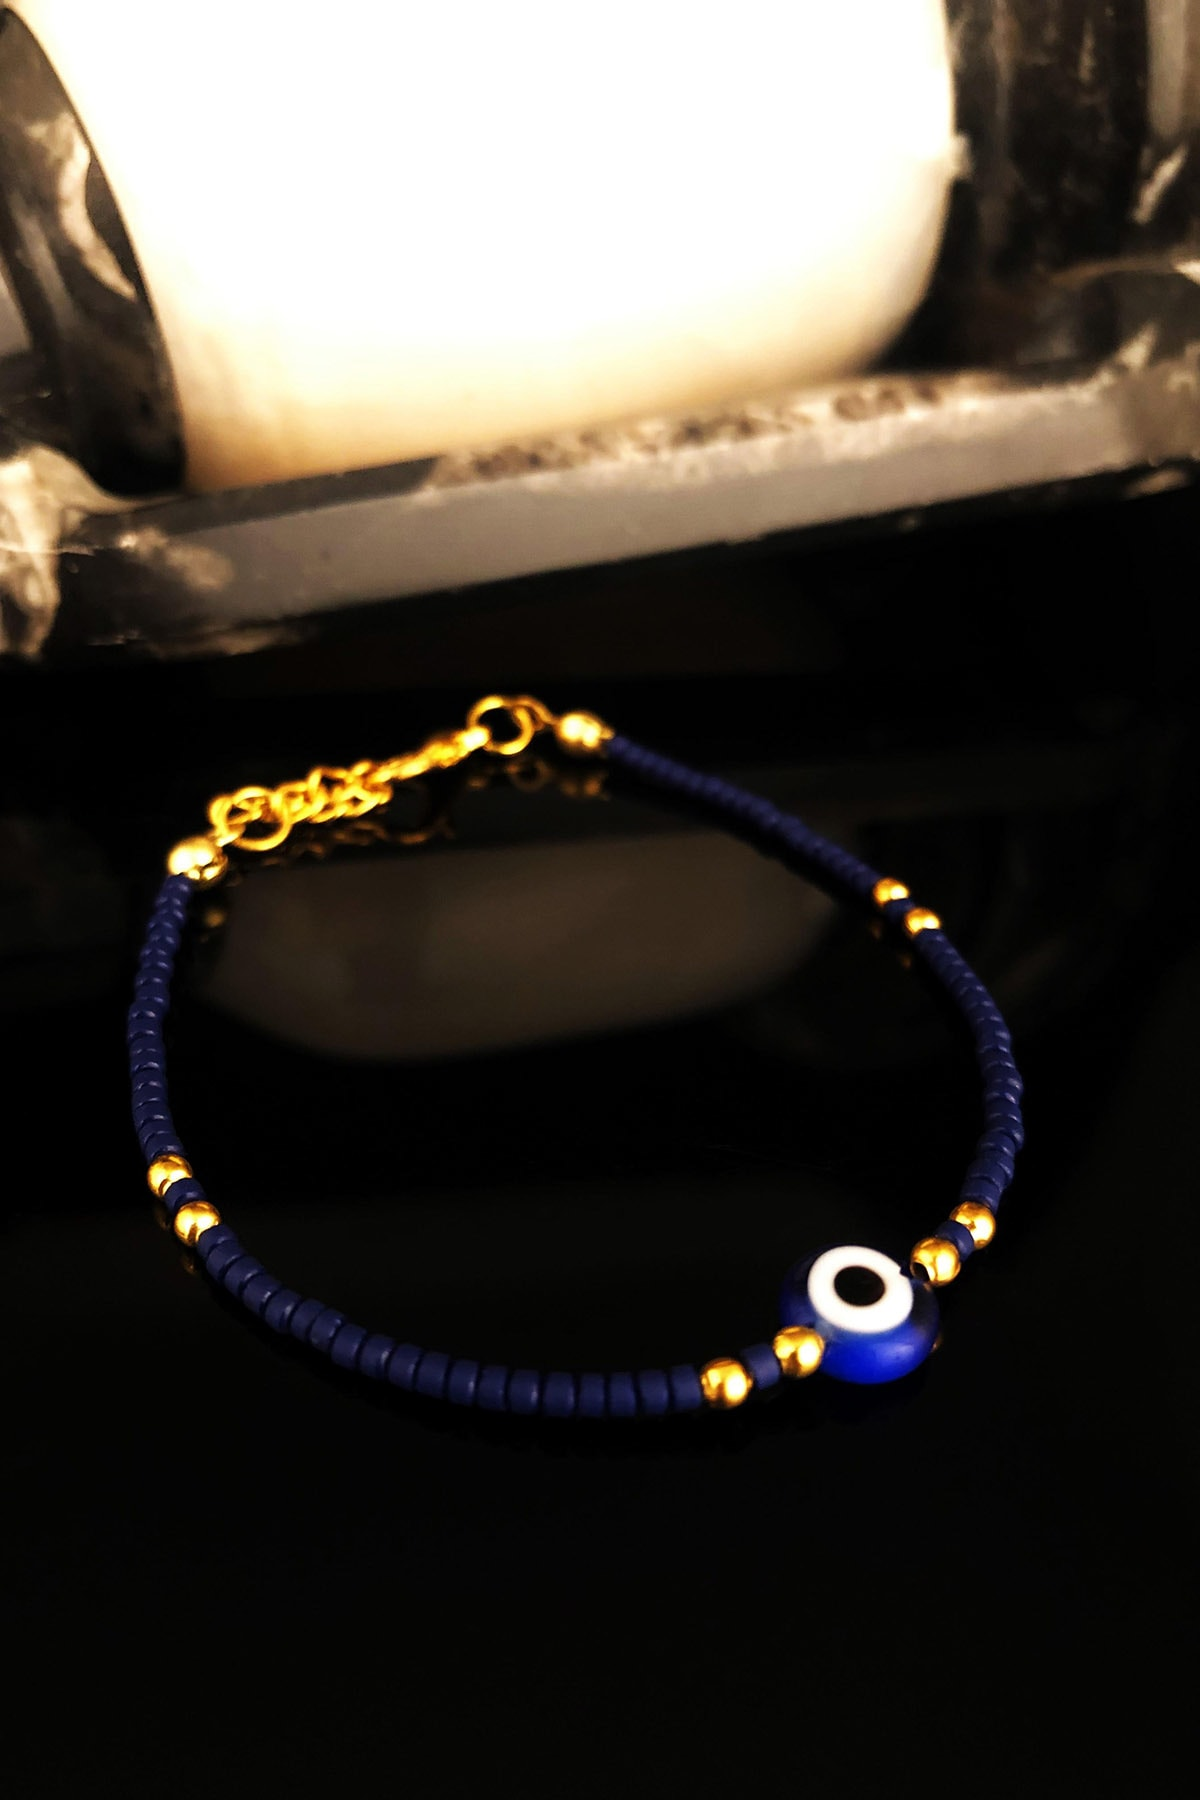 Dr. Stone Doğaltaş Kadın Lapis Lazuli Taşı Altın Kaplama Bileklik KRB426 1